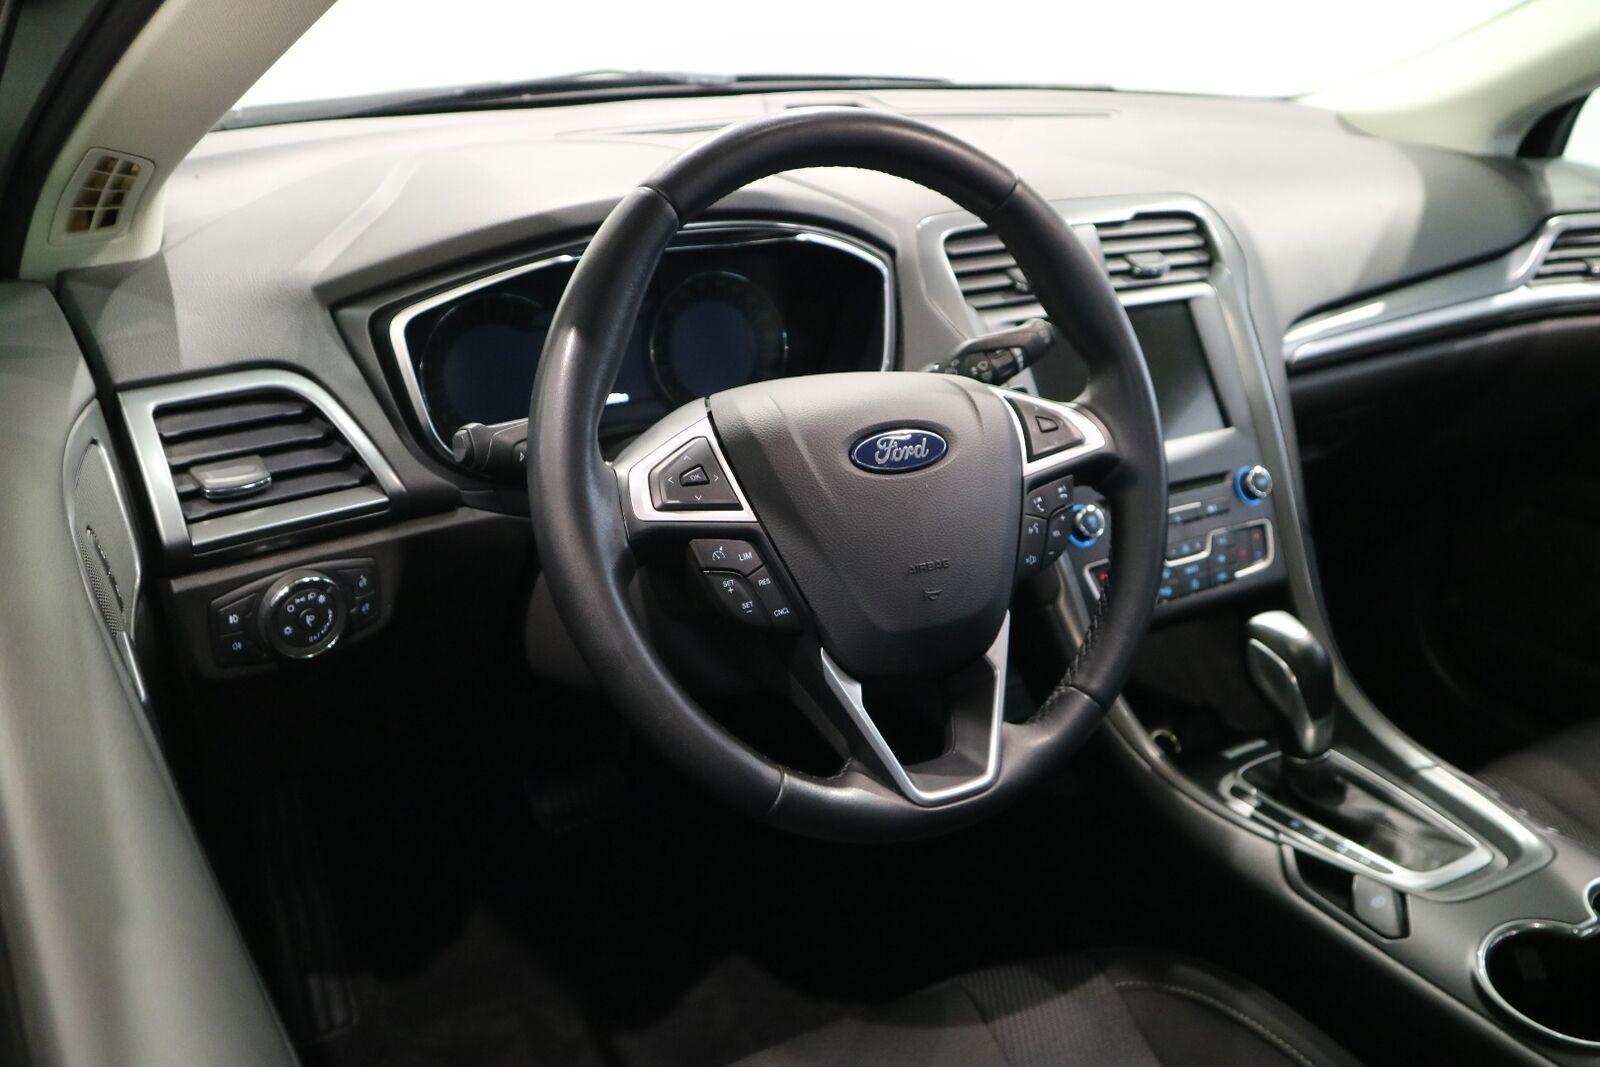 Ford Mondeo 2,0 TDCi 180 Titanium stc. aut. - billede 12